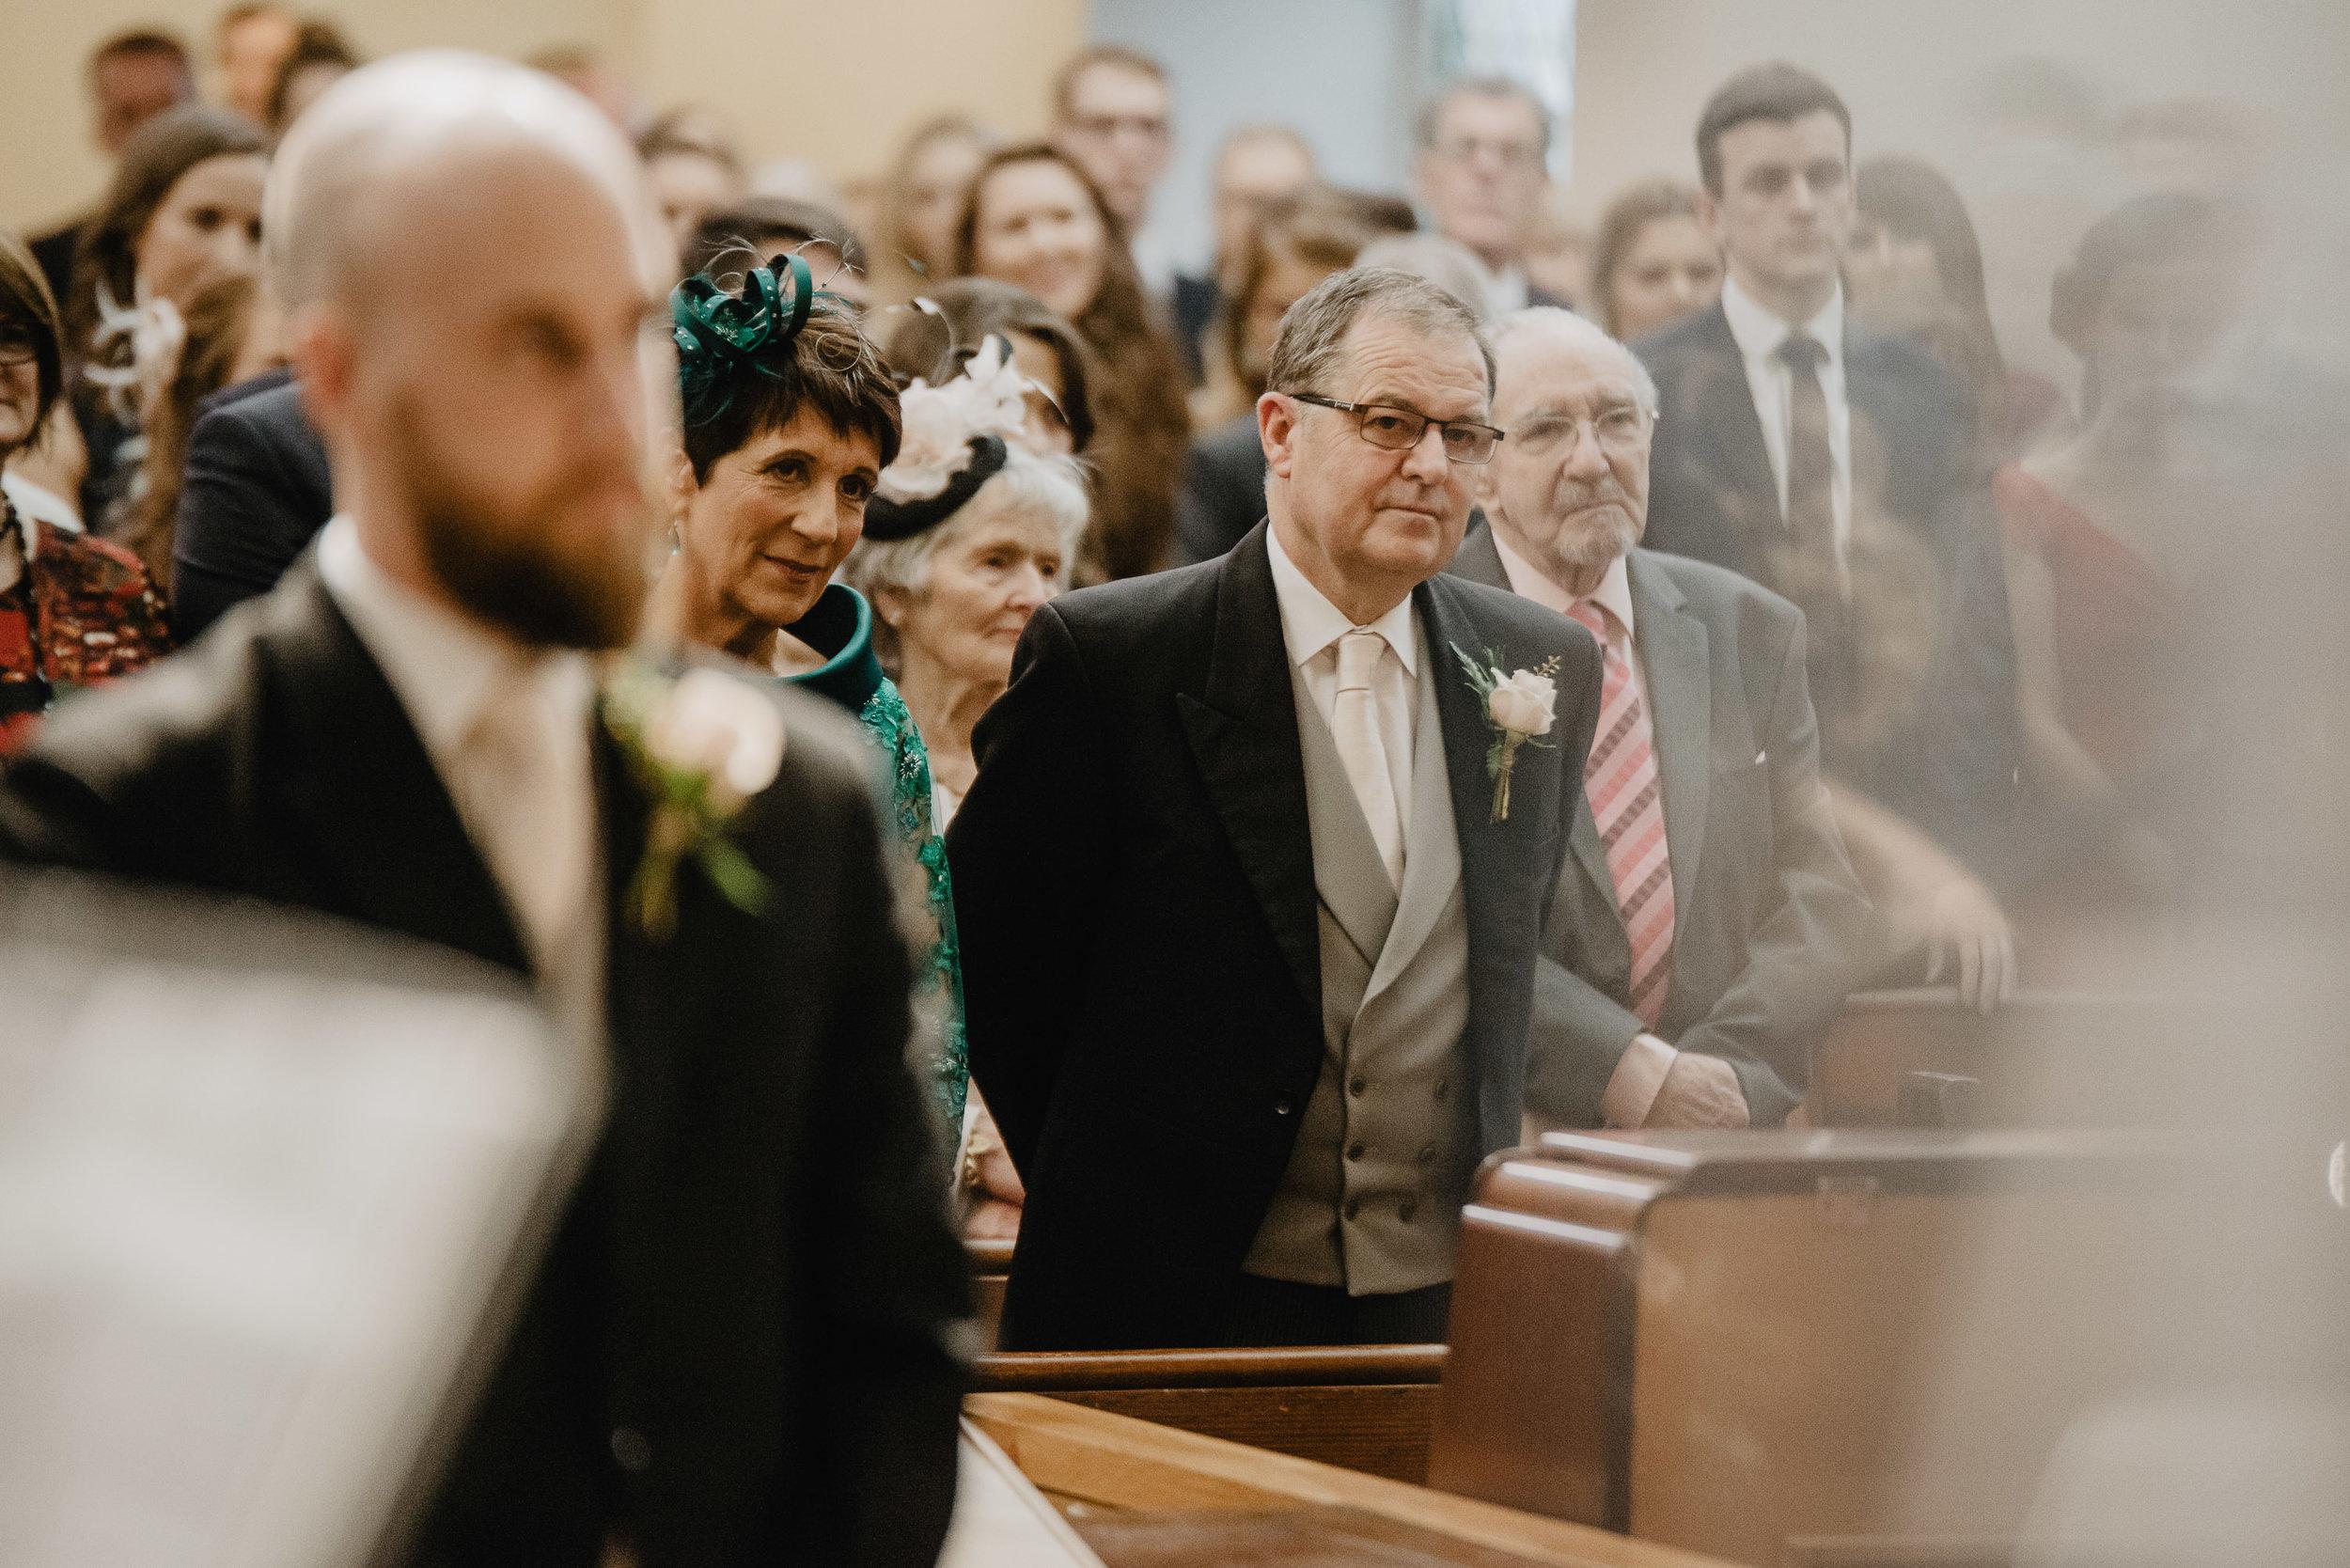 larchfield estate wedding photos-47.jpg